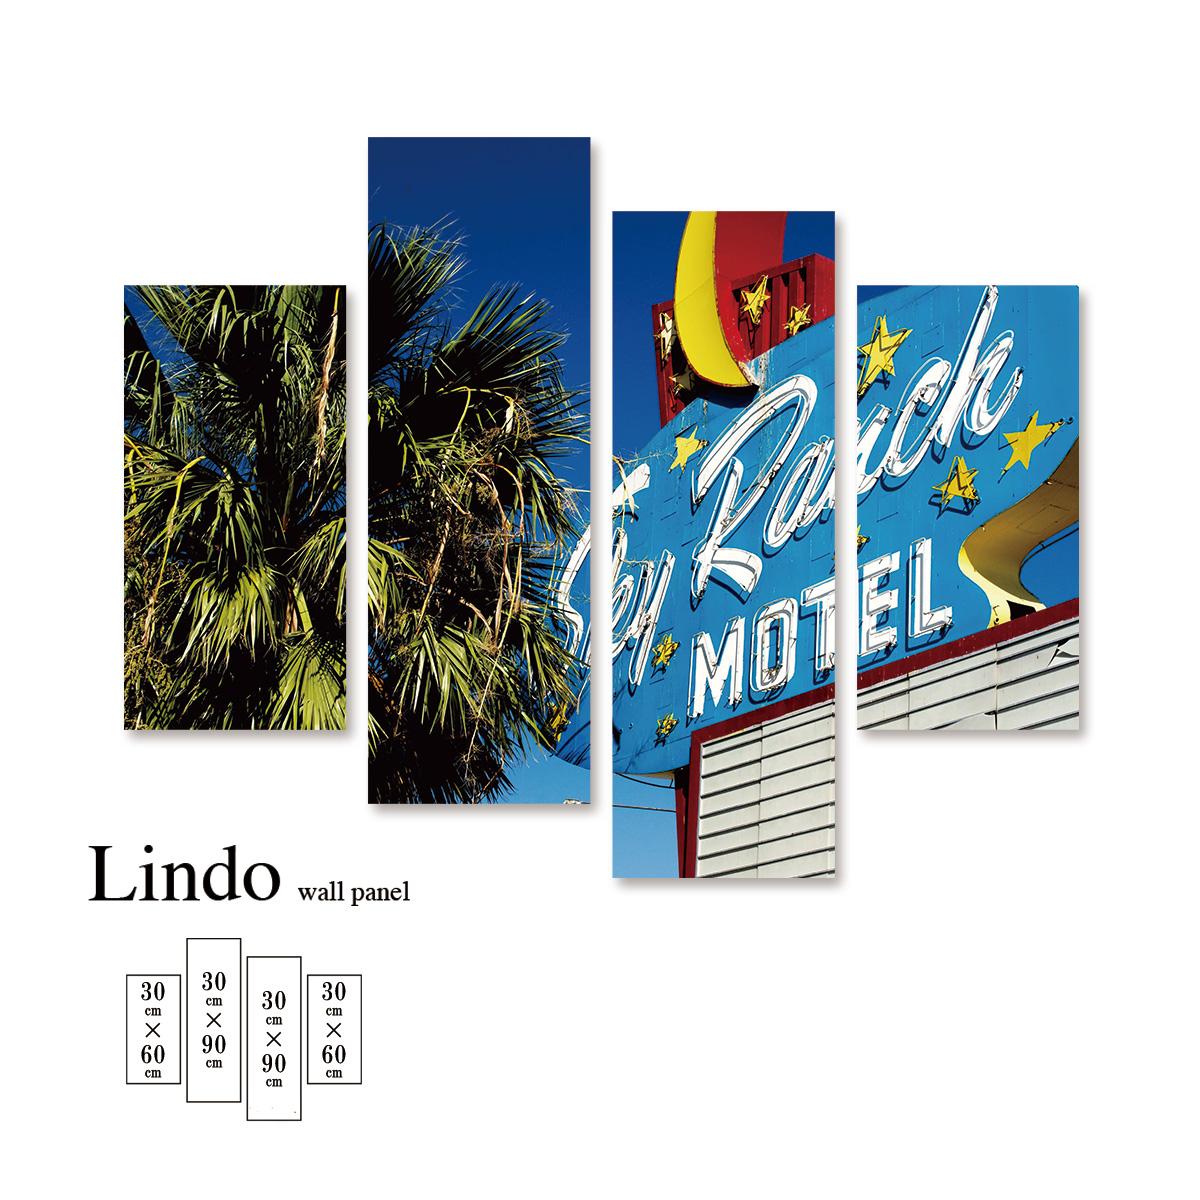 アートパネル 風景 景色 写真 自然 環境 建物 青空 晴天 壁掛け 北欧 お洒落 デザイン ファブリック 壁飾り アートボード 4枚パネル